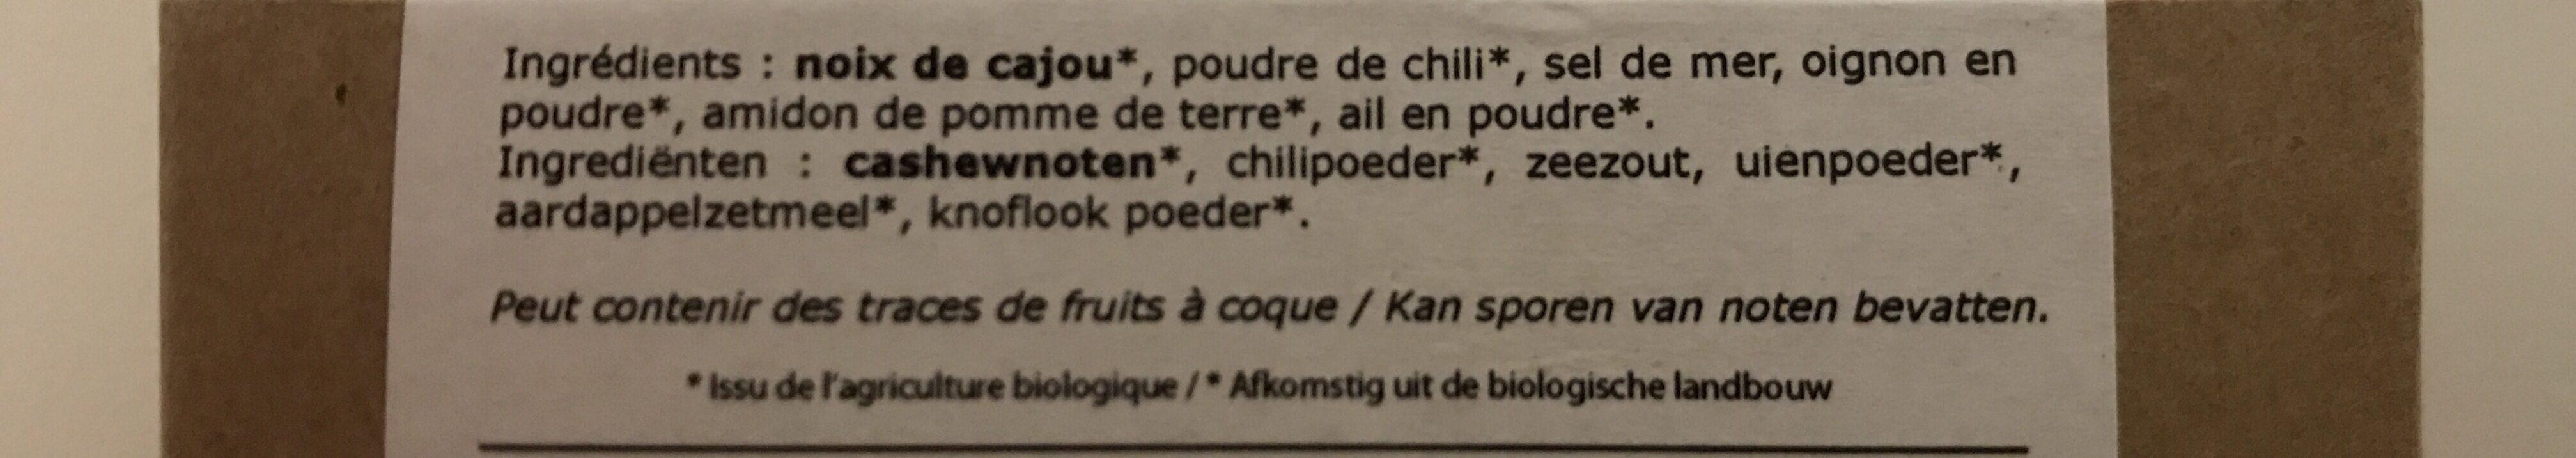 Noix de cajou grillees au chili - Ingrediënten